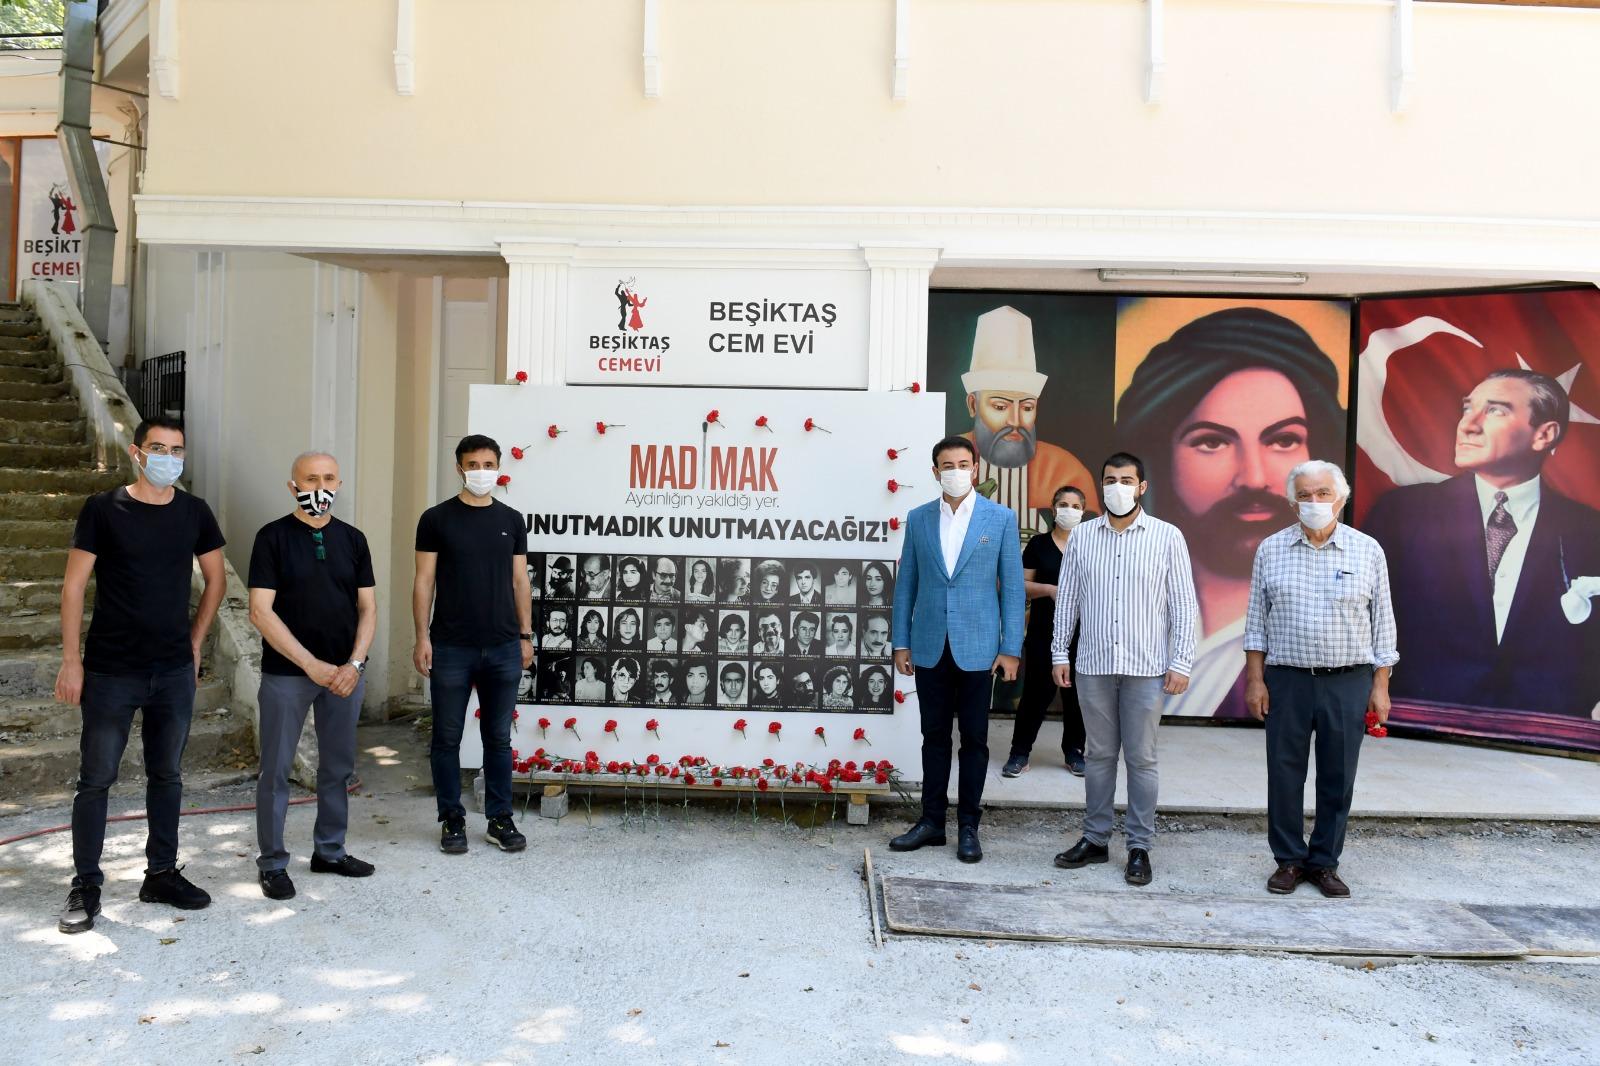 Sivas katliamı Beşiktaş'ta anıldı